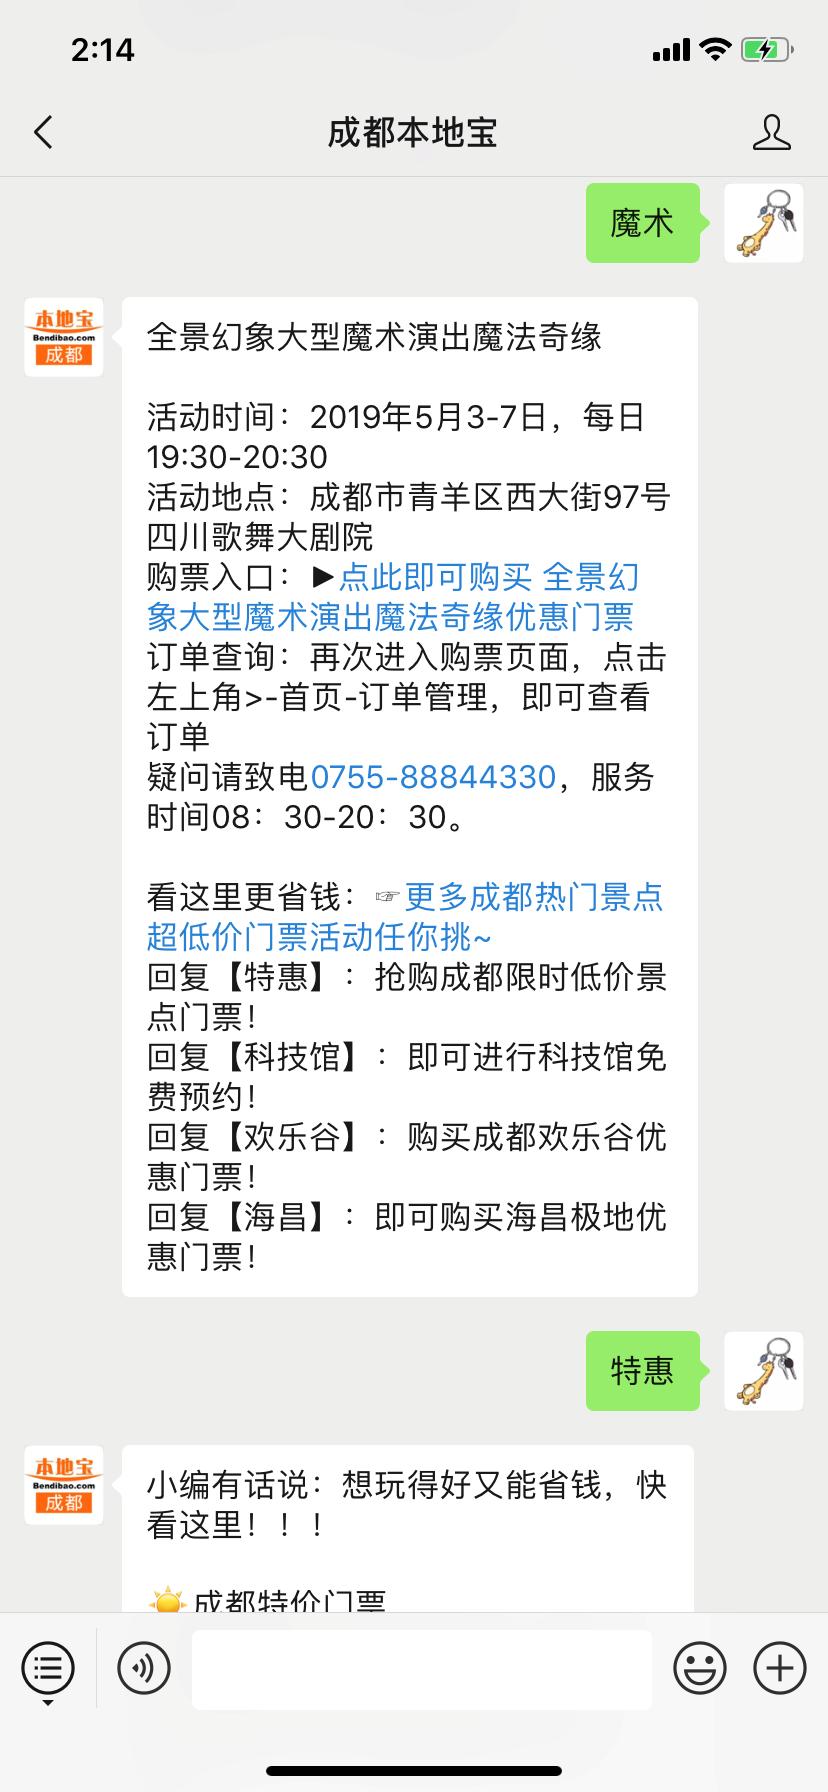 2019年成都五一全景幻象大型魔术演出(时间 地点 门票)